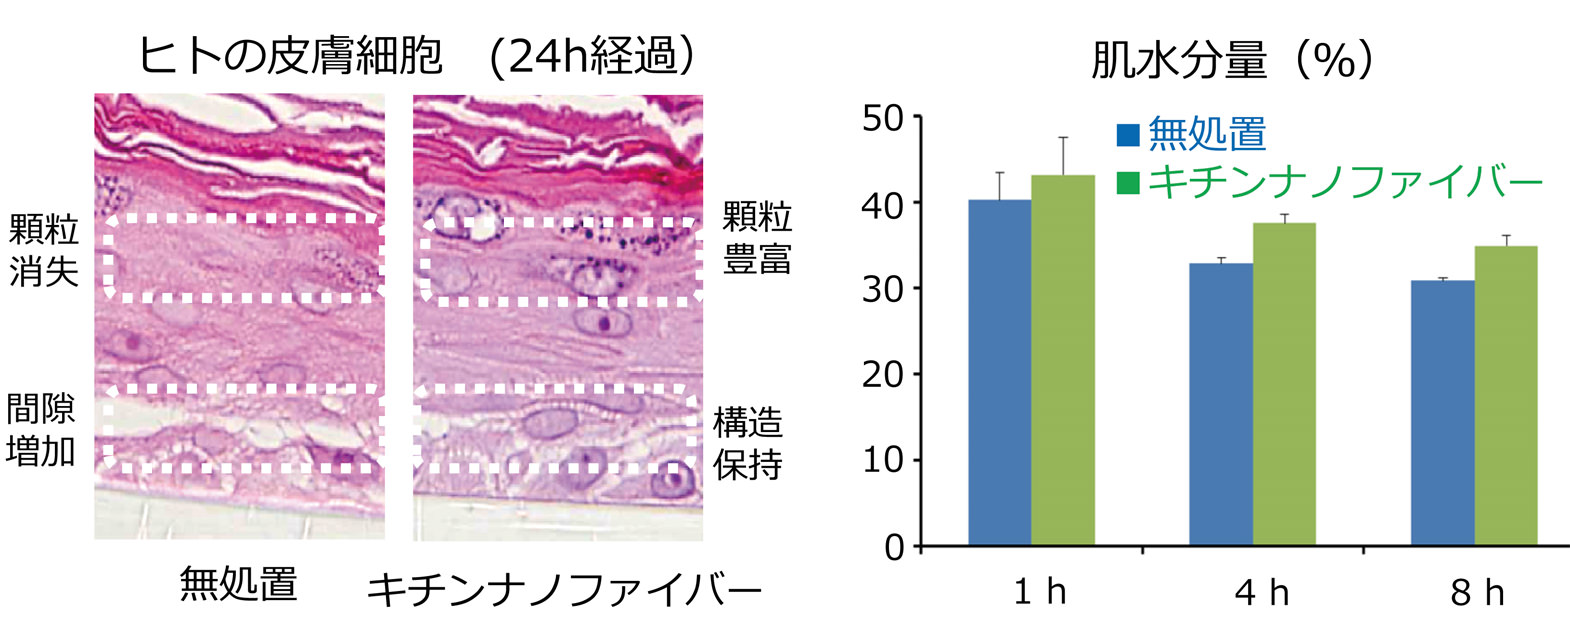 図:(左)キチンナノファイバー塗布24h経過後のヒト皮膚の状態写真(無処理と比べ、顆粒豊富、構造保持)(右)肌水分量(%)グラフ1h、4h、8h後全て無処理よりキチンナノファイバーの方が上回っている